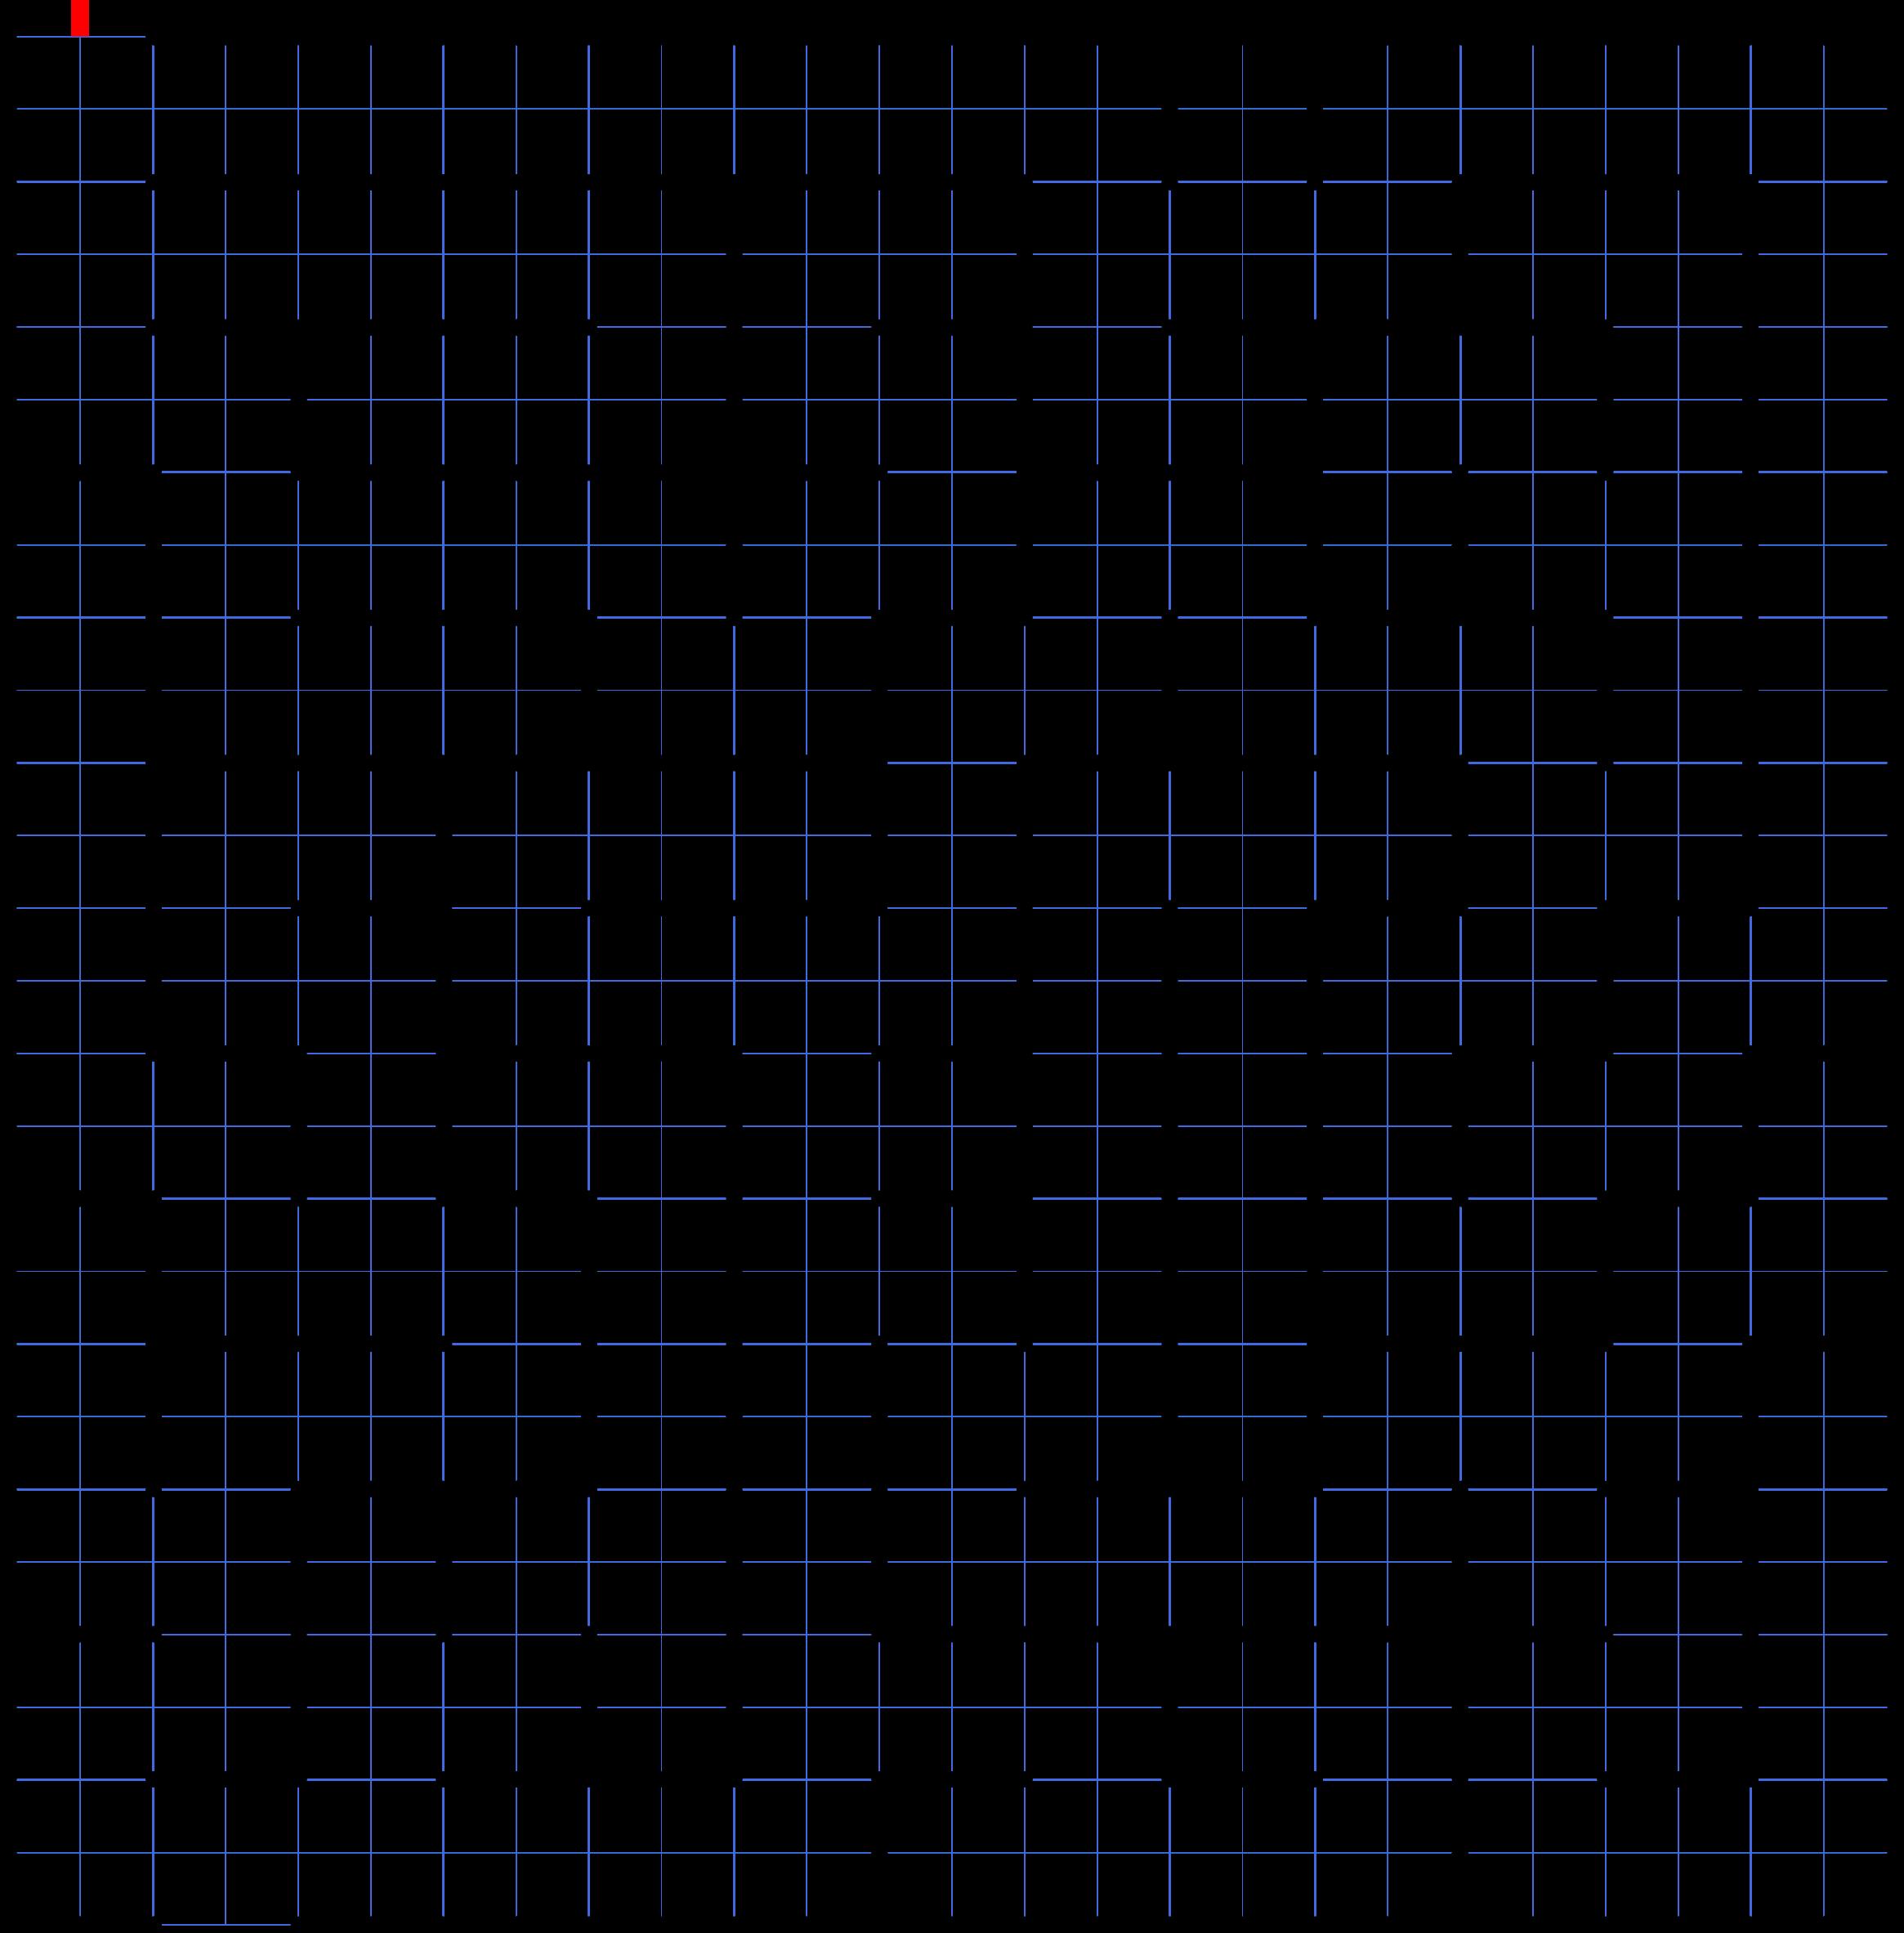 Cartoon frames illustrations hd. Maze clipart moderate